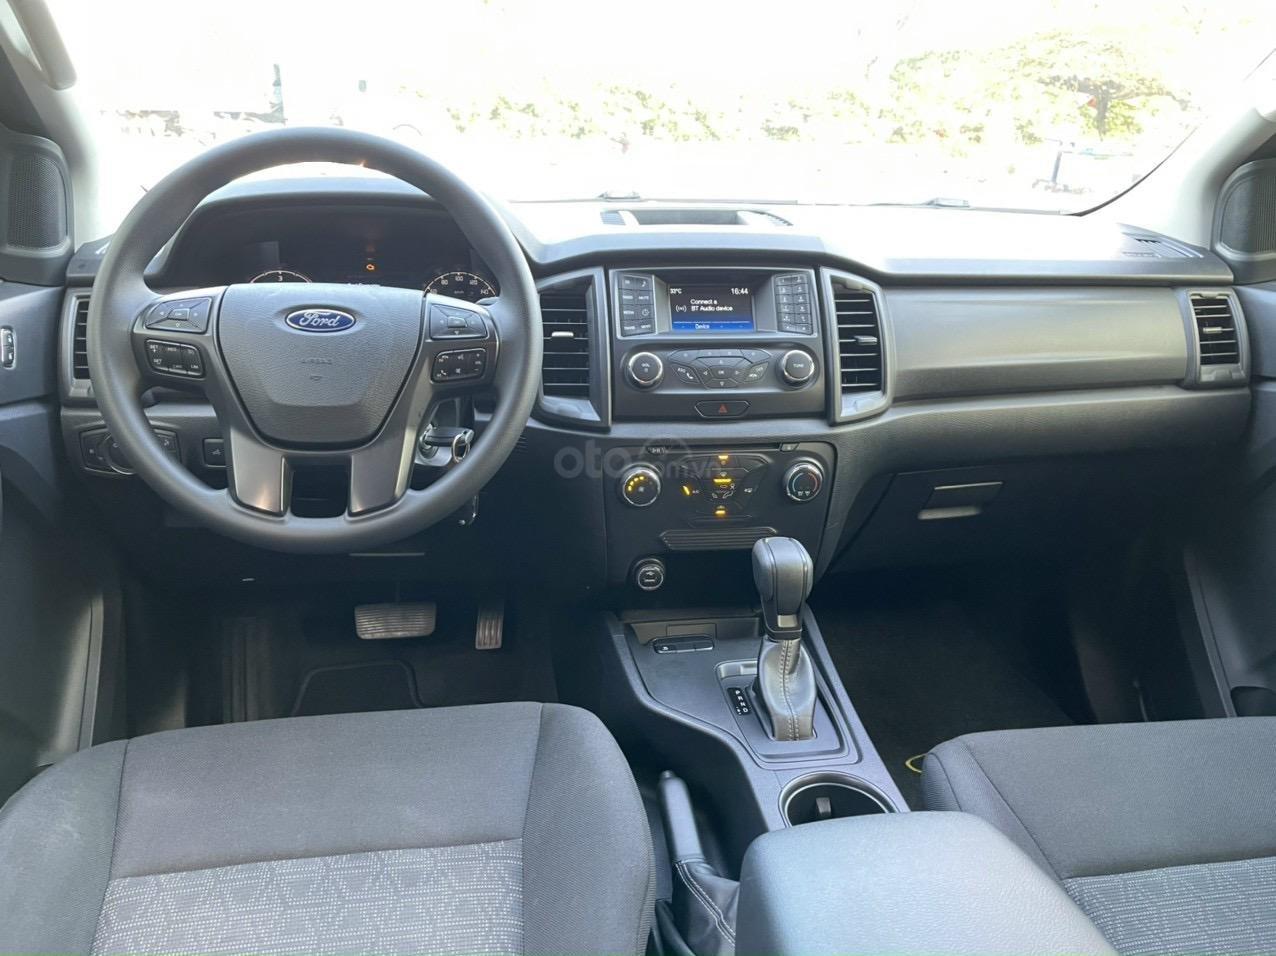 Ford Ranger XLS AT model 2020 - siêu lướt cực đẹp (12)